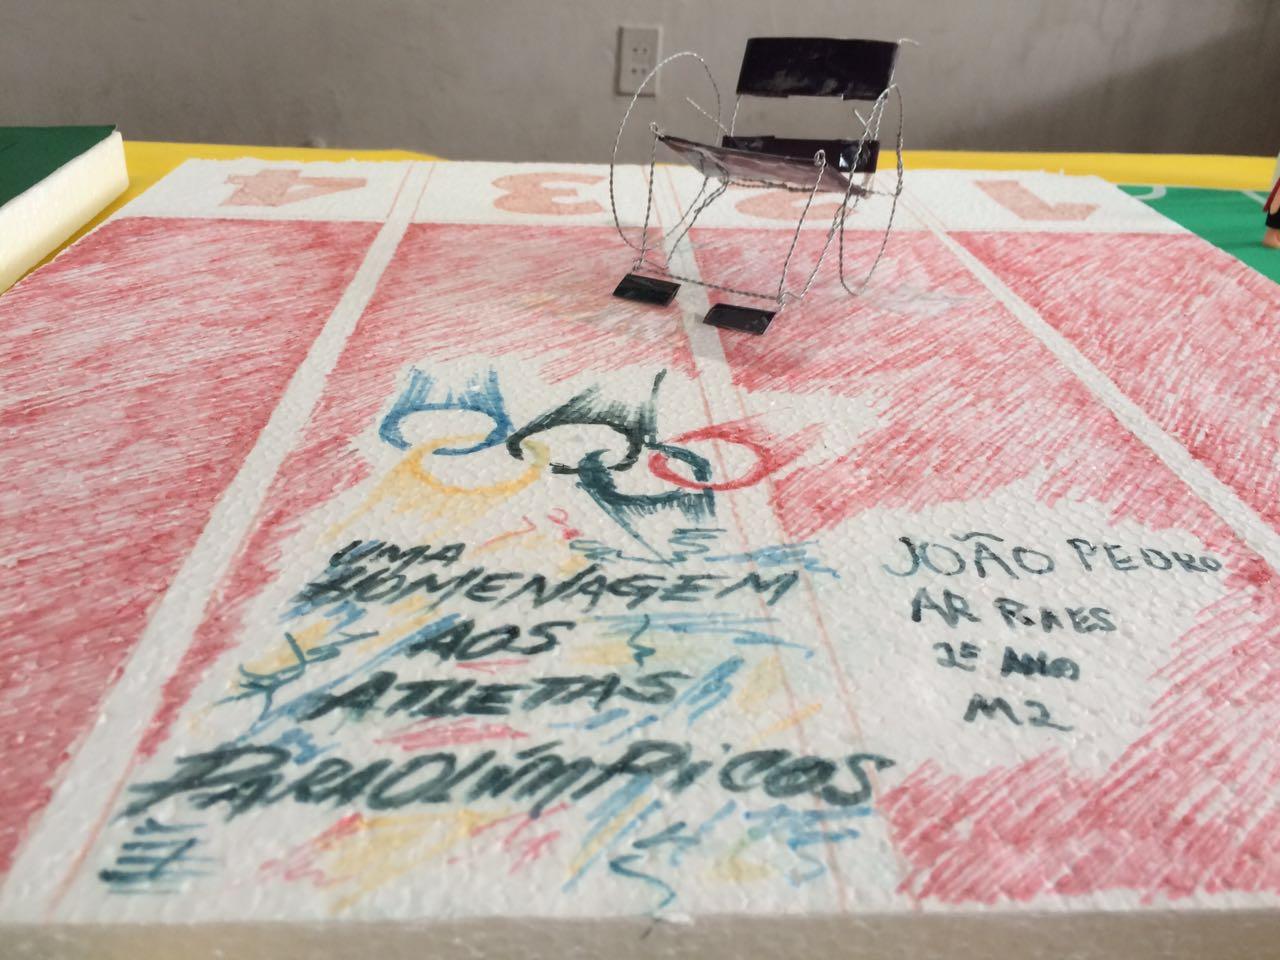 Maquete em homenagem aos atletas paraolímpicos (FOTO: Matheus Ribeiro / Tribuna do Ceará)